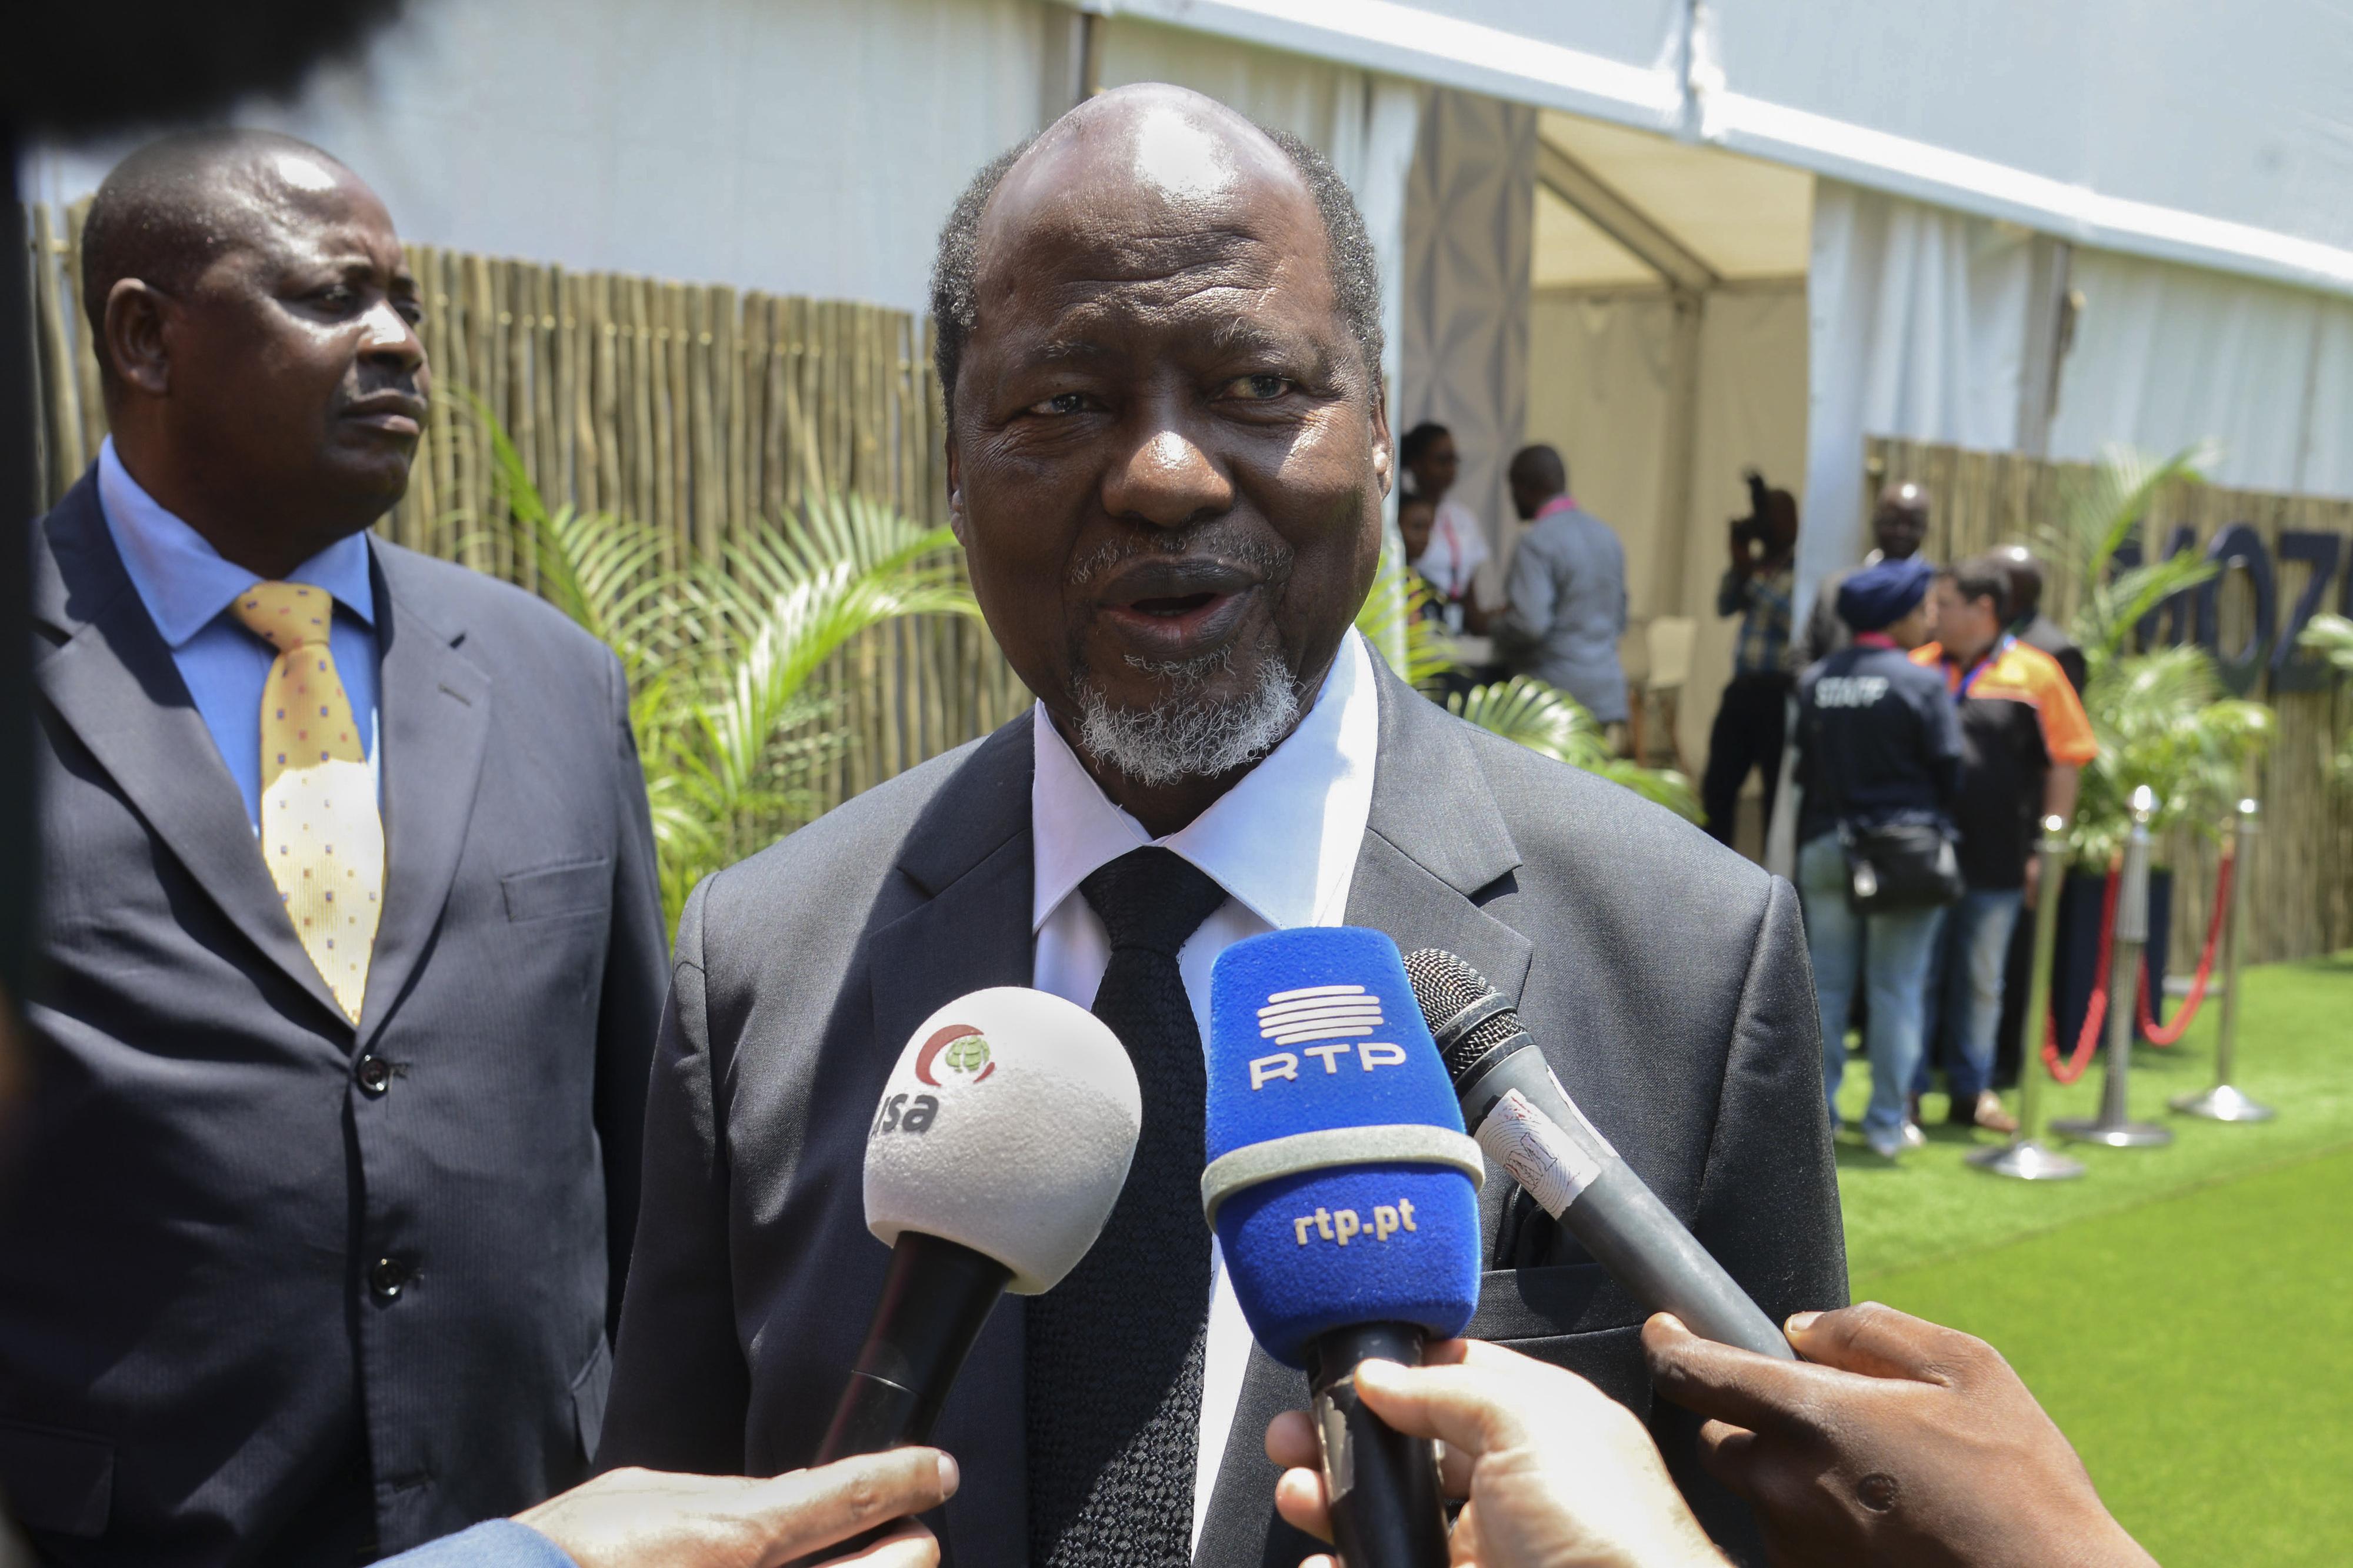 Contestações internas na Renamo não ameaçam eleições gerais de outubro em Moçambique, diz Chissano